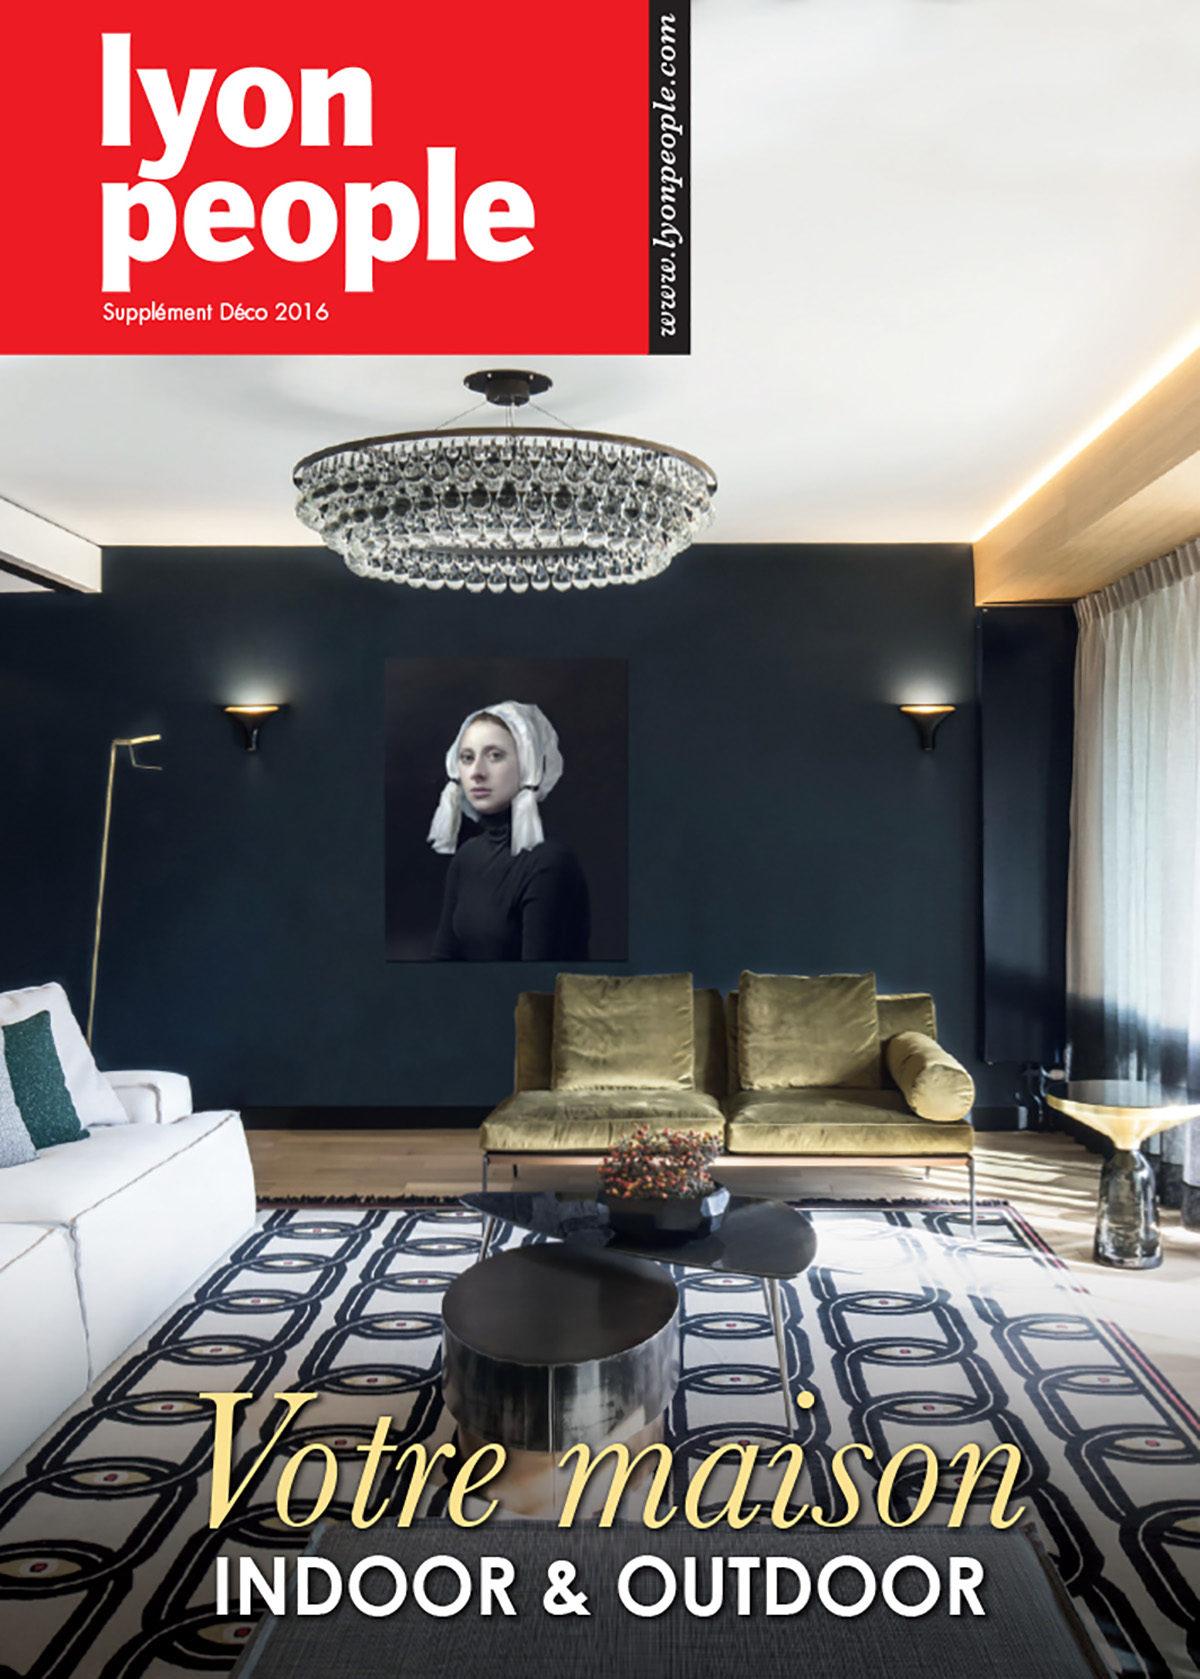 Parution presse LYON PEOPLE 2016 Claude Cartier décoration architecte d'intérieur à Lyon.